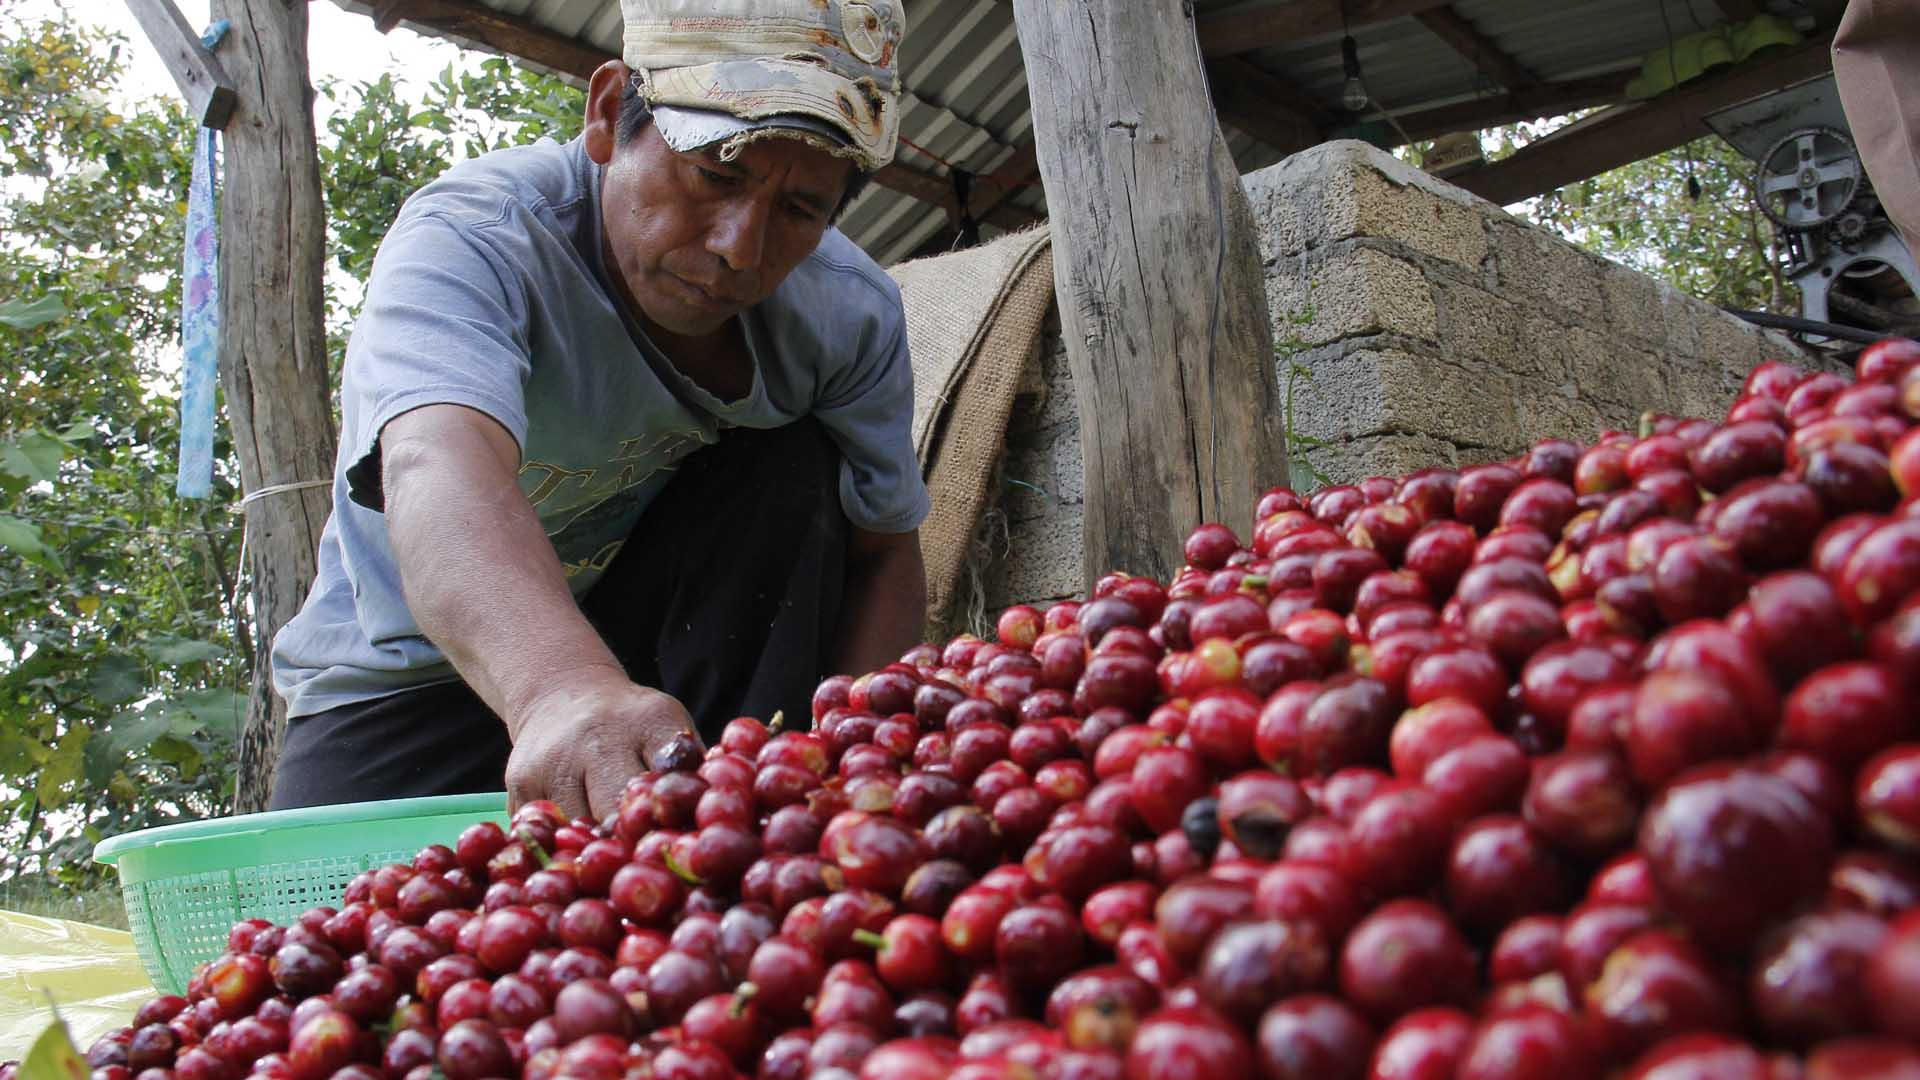 Denuncia cafetalero de Veracruz a Nescafé: paga 6 pesos el kilo de café